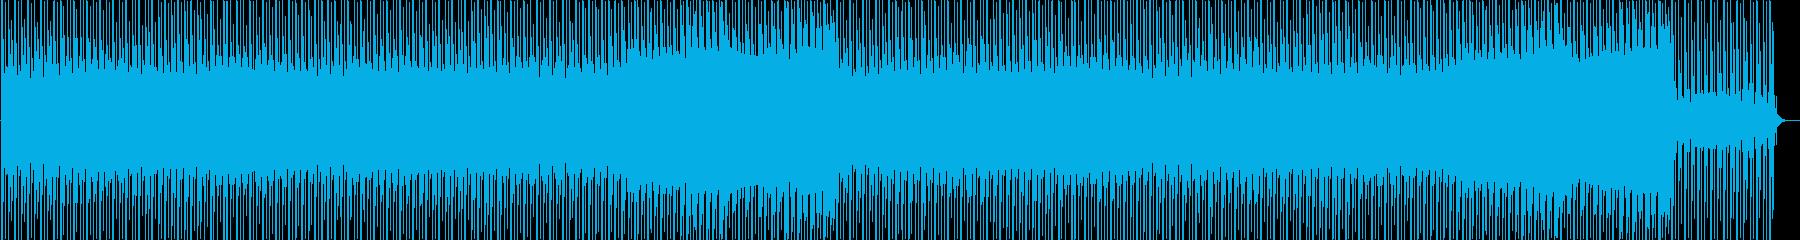 企業VP 調査・分析・シンプルの再生済みの波形